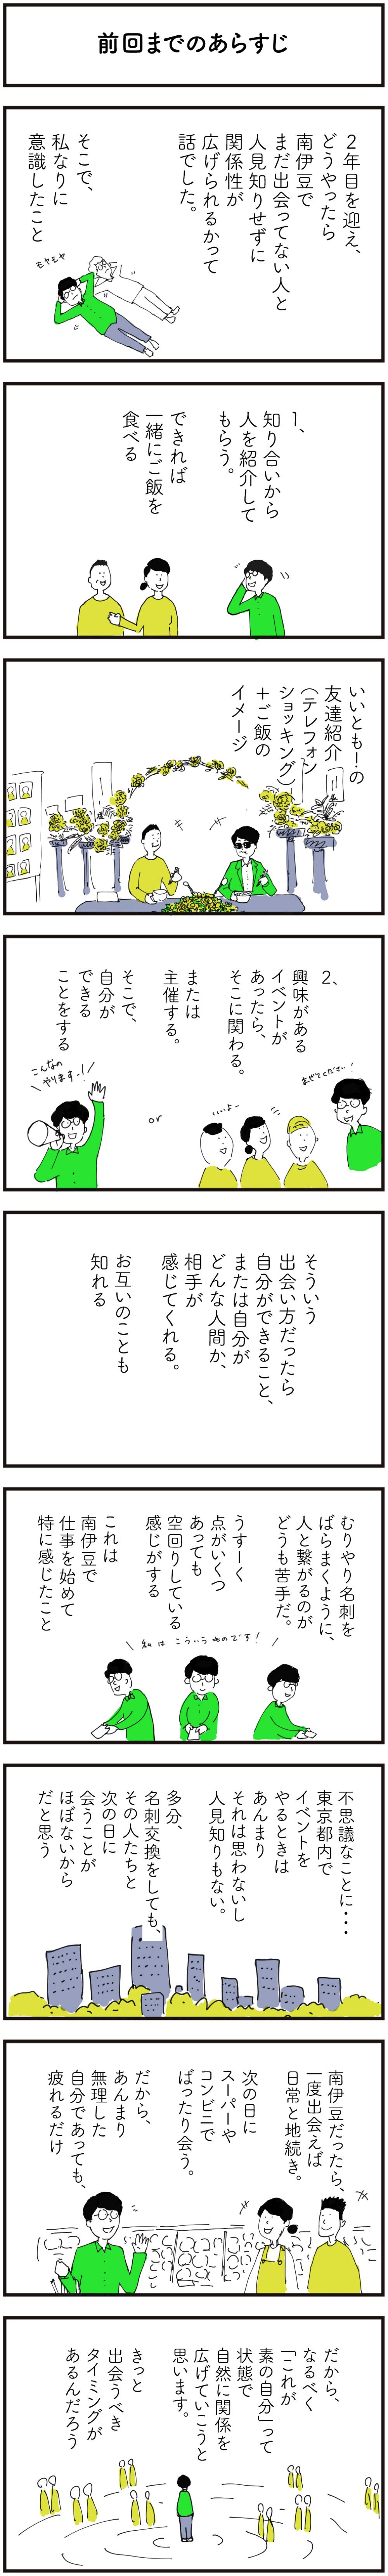 0063 copy